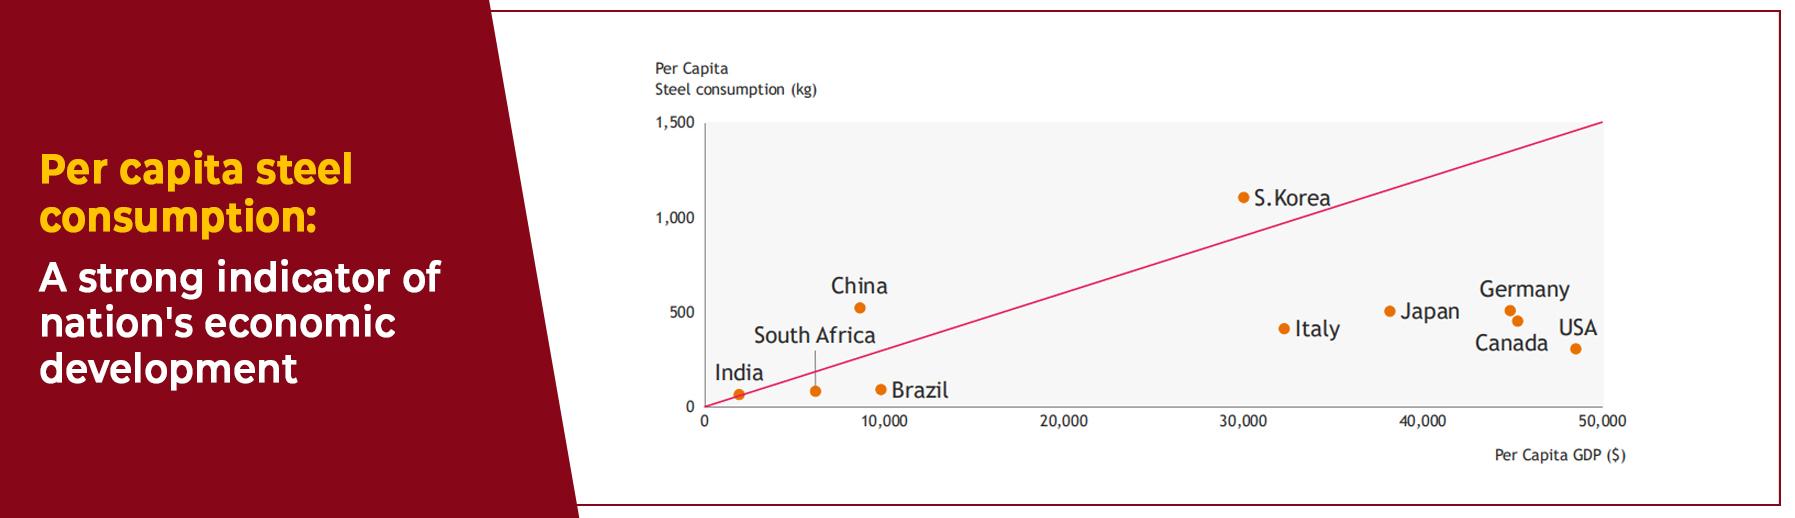 Per capita steel consumption